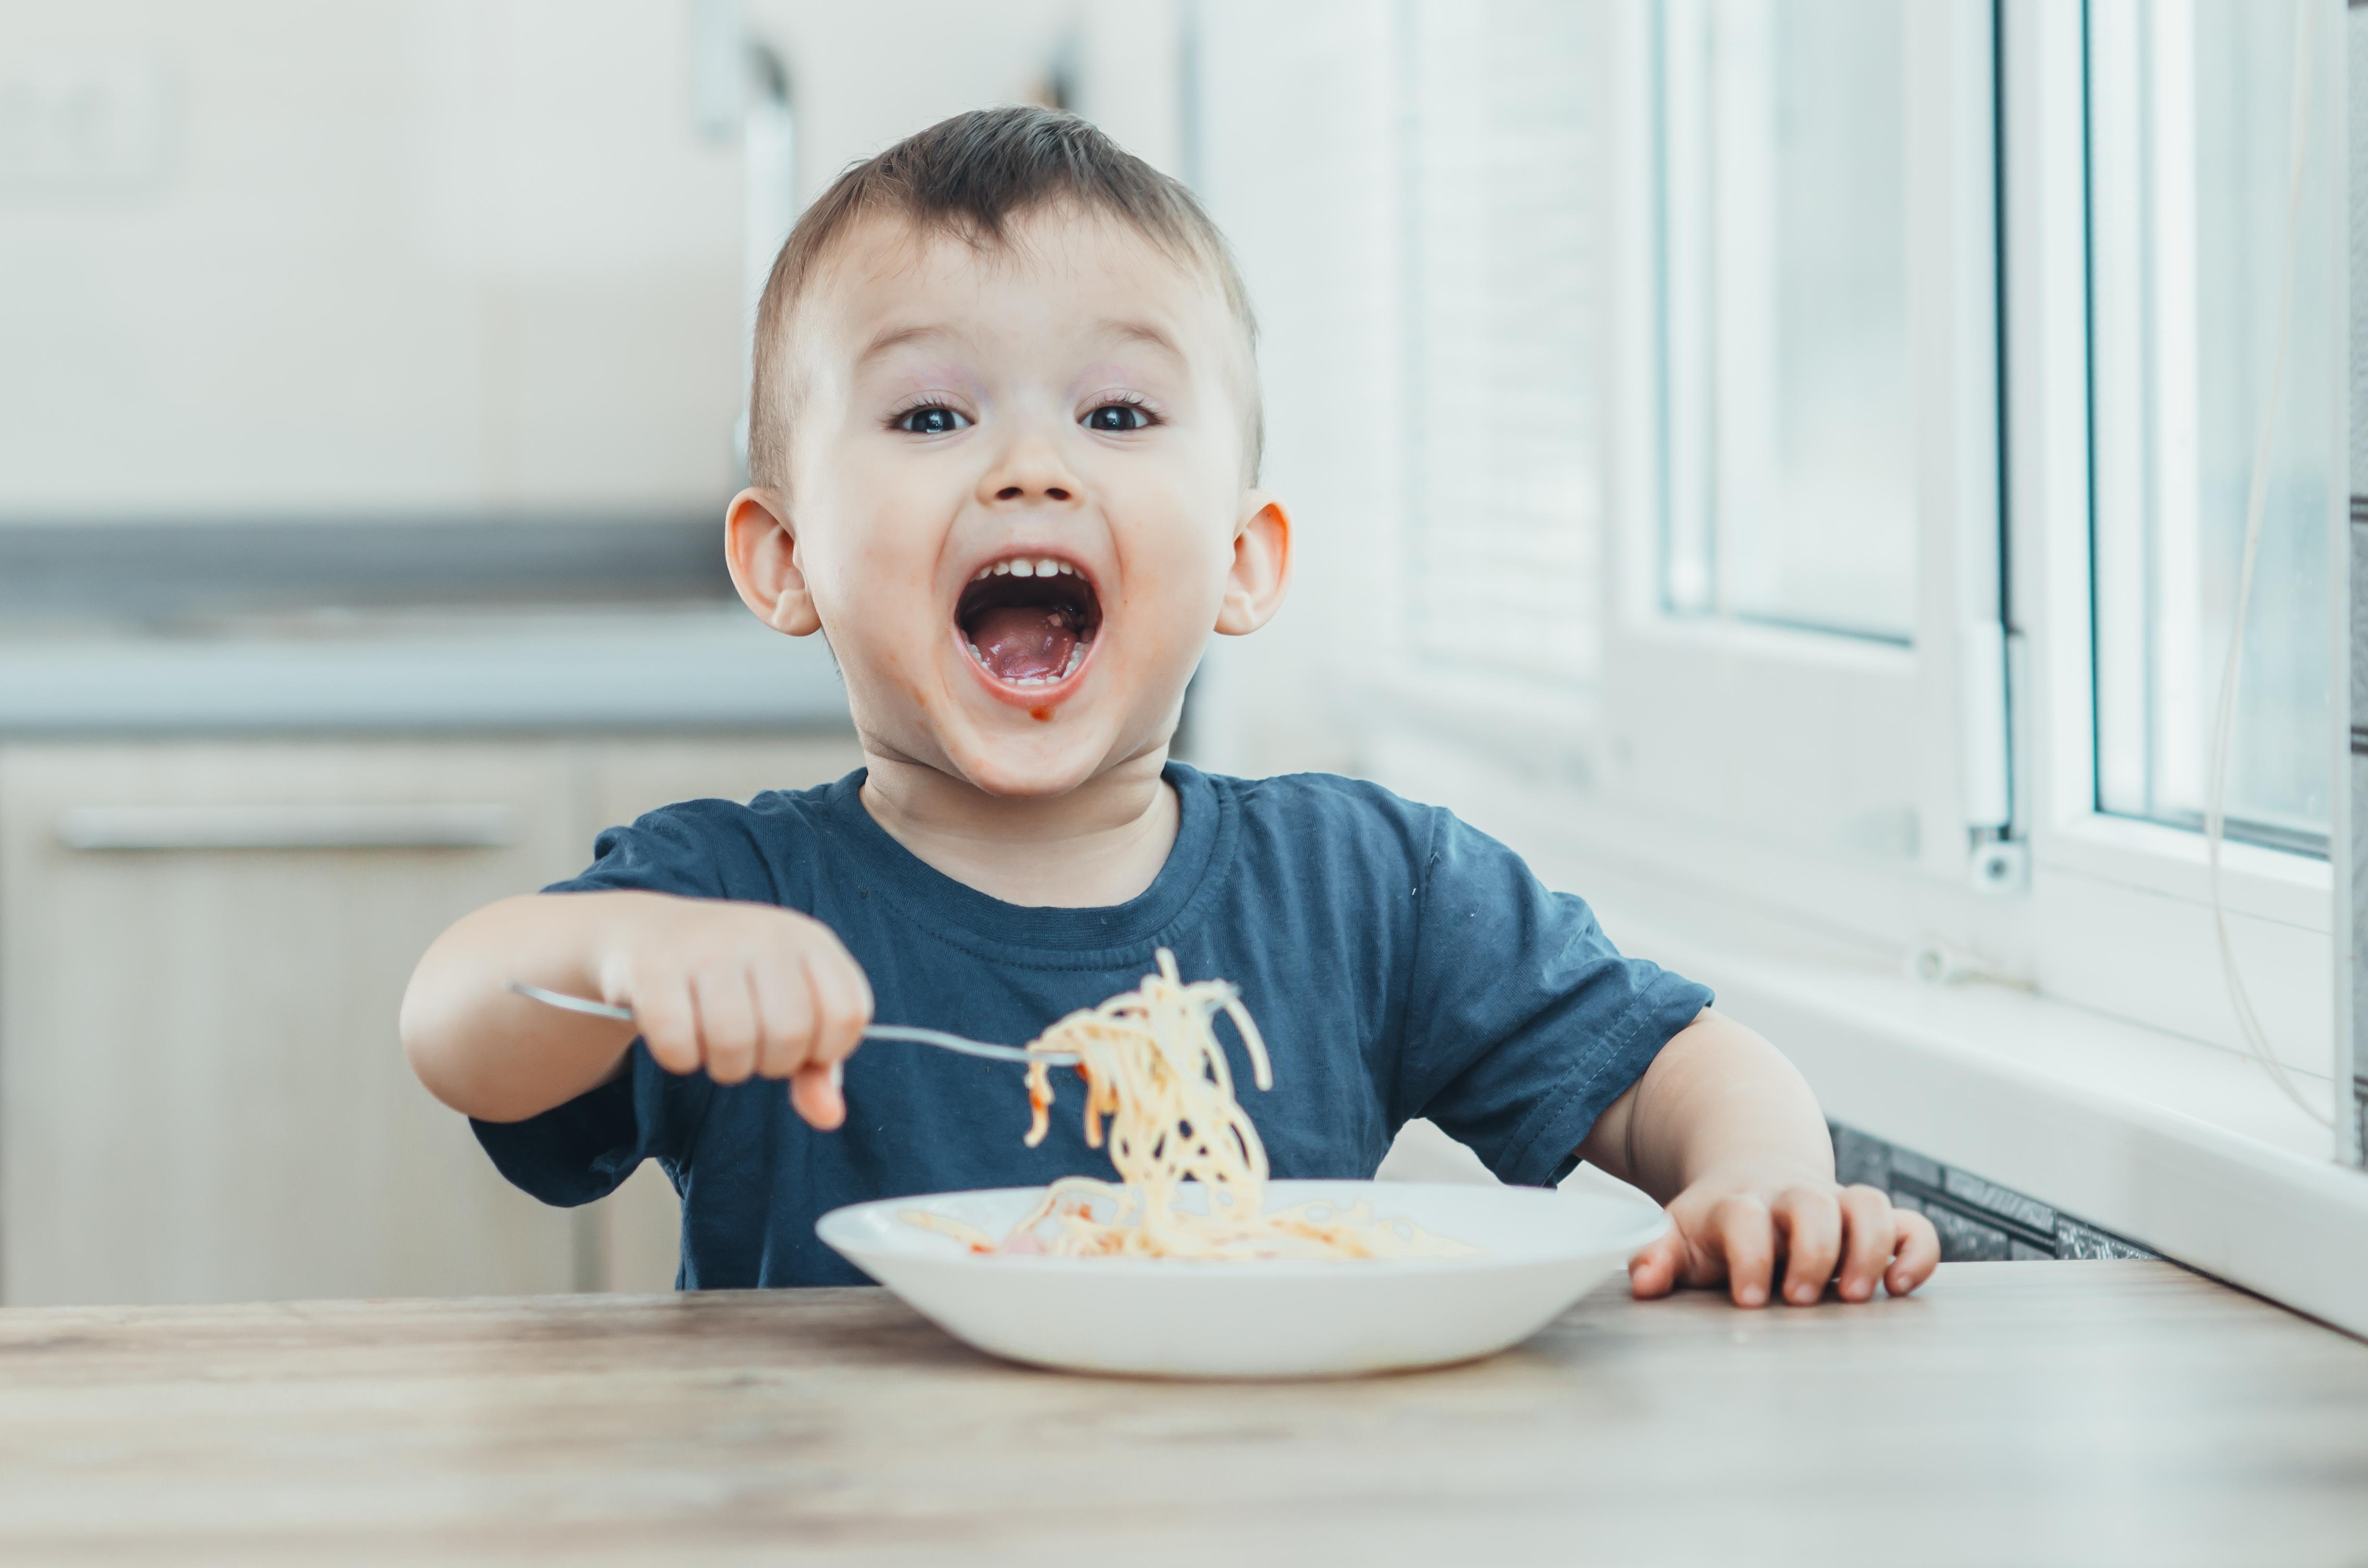 Niño de 2 años comiendo espagueti